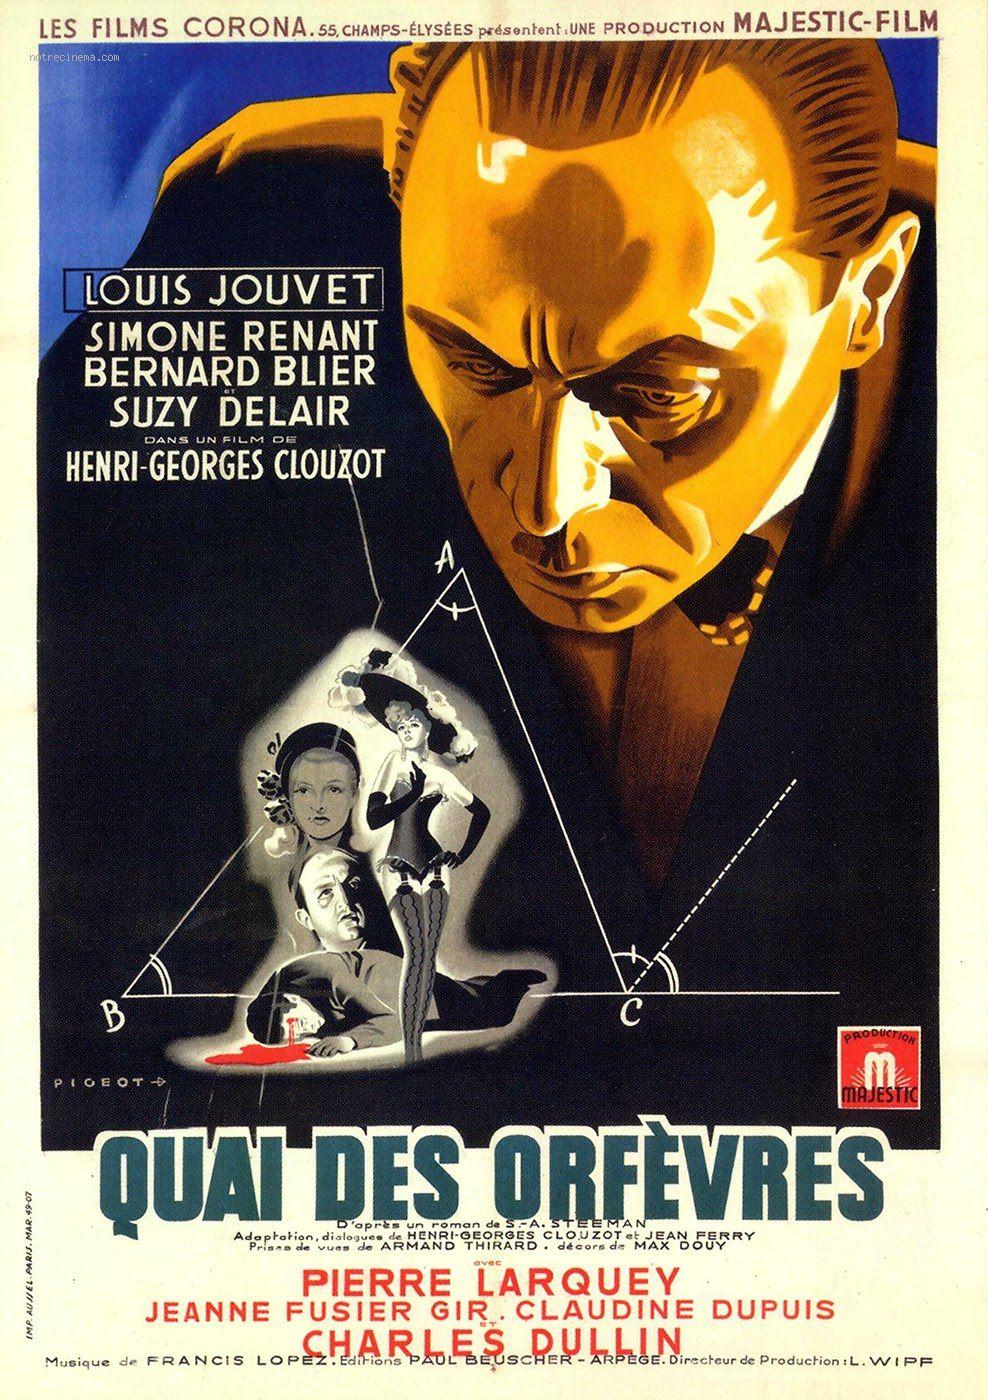 Votre dernier film visionné - Page 16 Quai_des_Orfevres